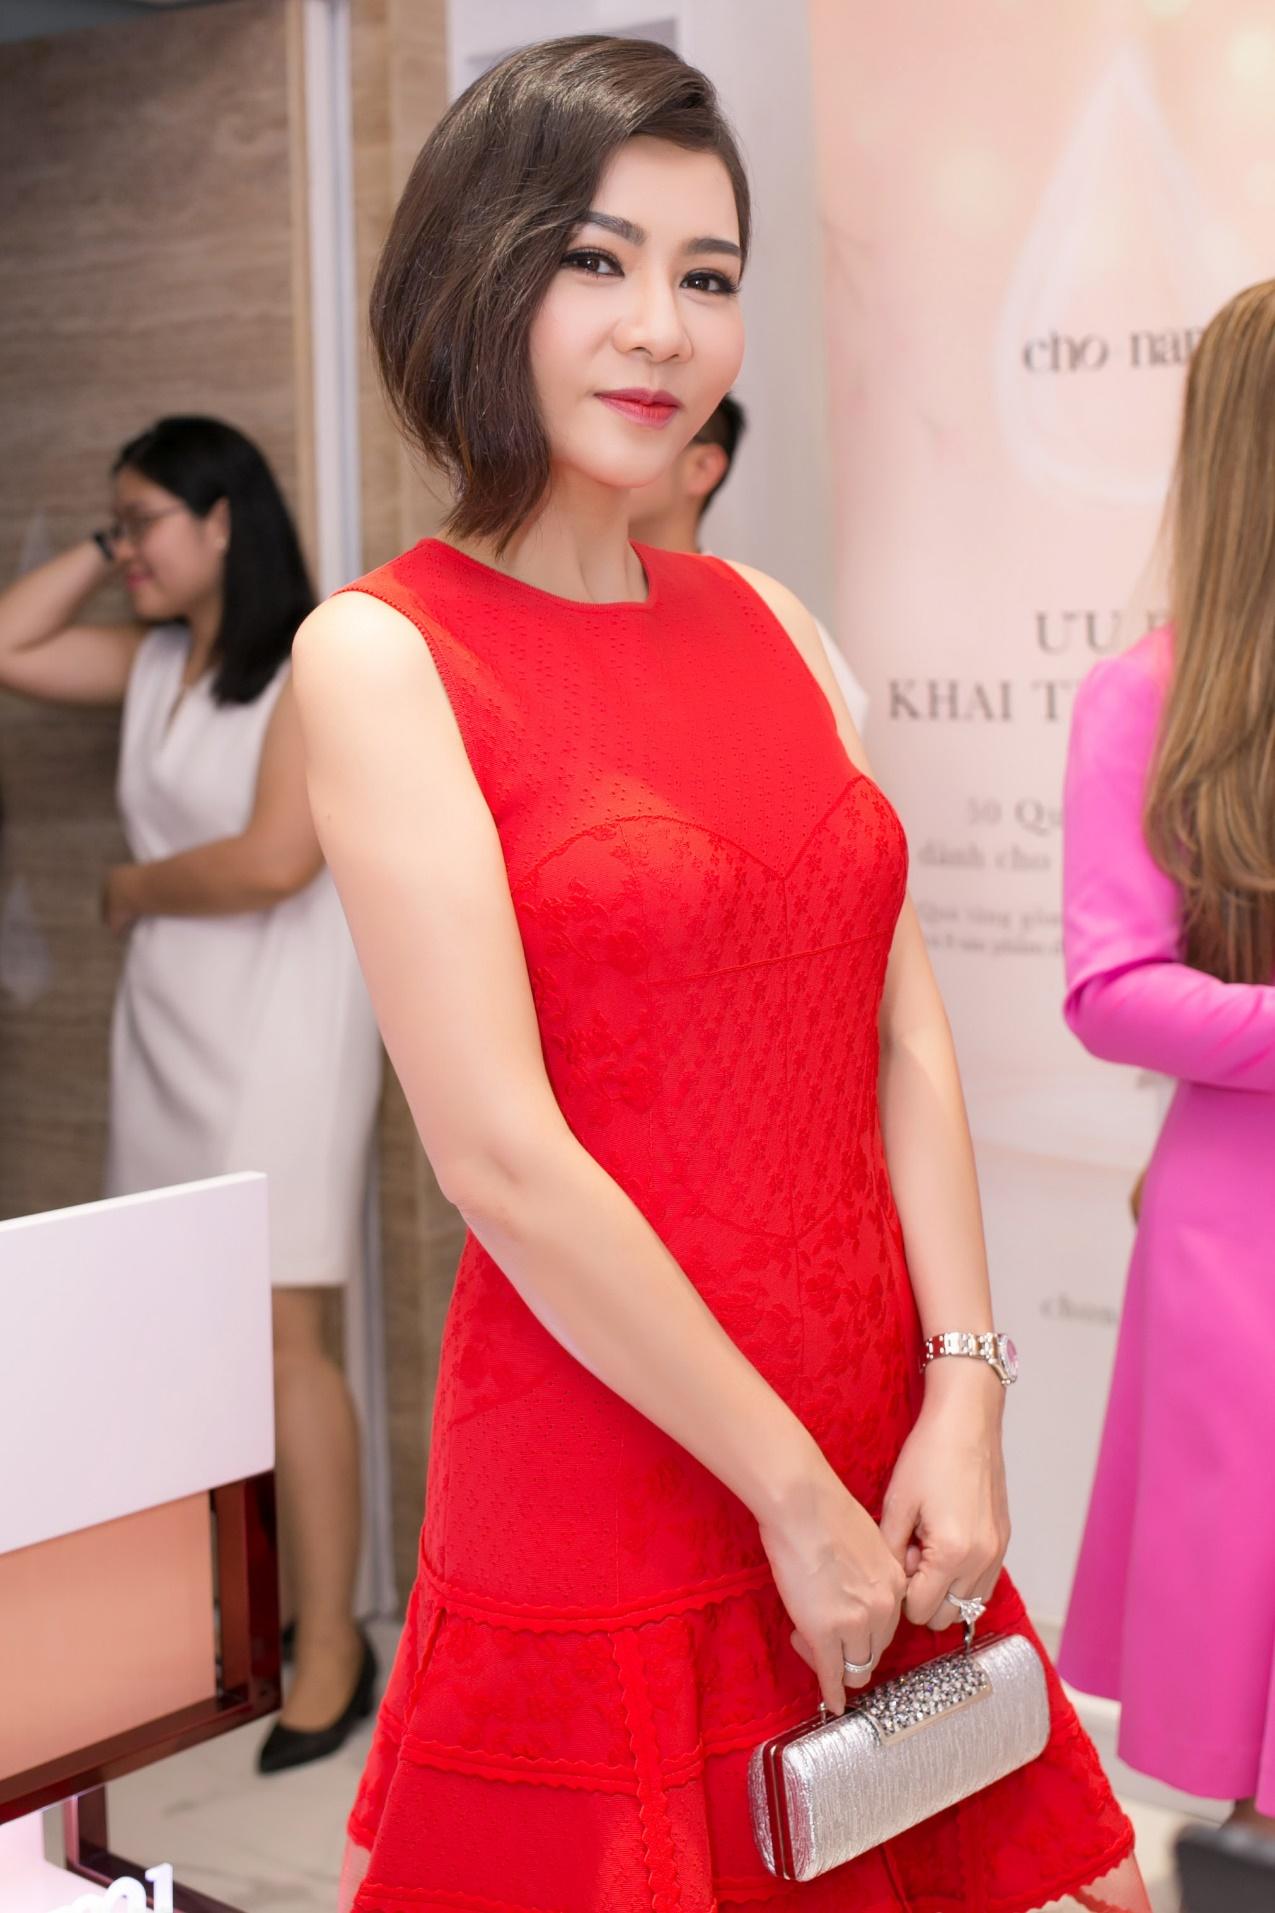 Mỹ phẩm Cho Nami chính thức có mặt tại Việt Nam - Ảnh 6.